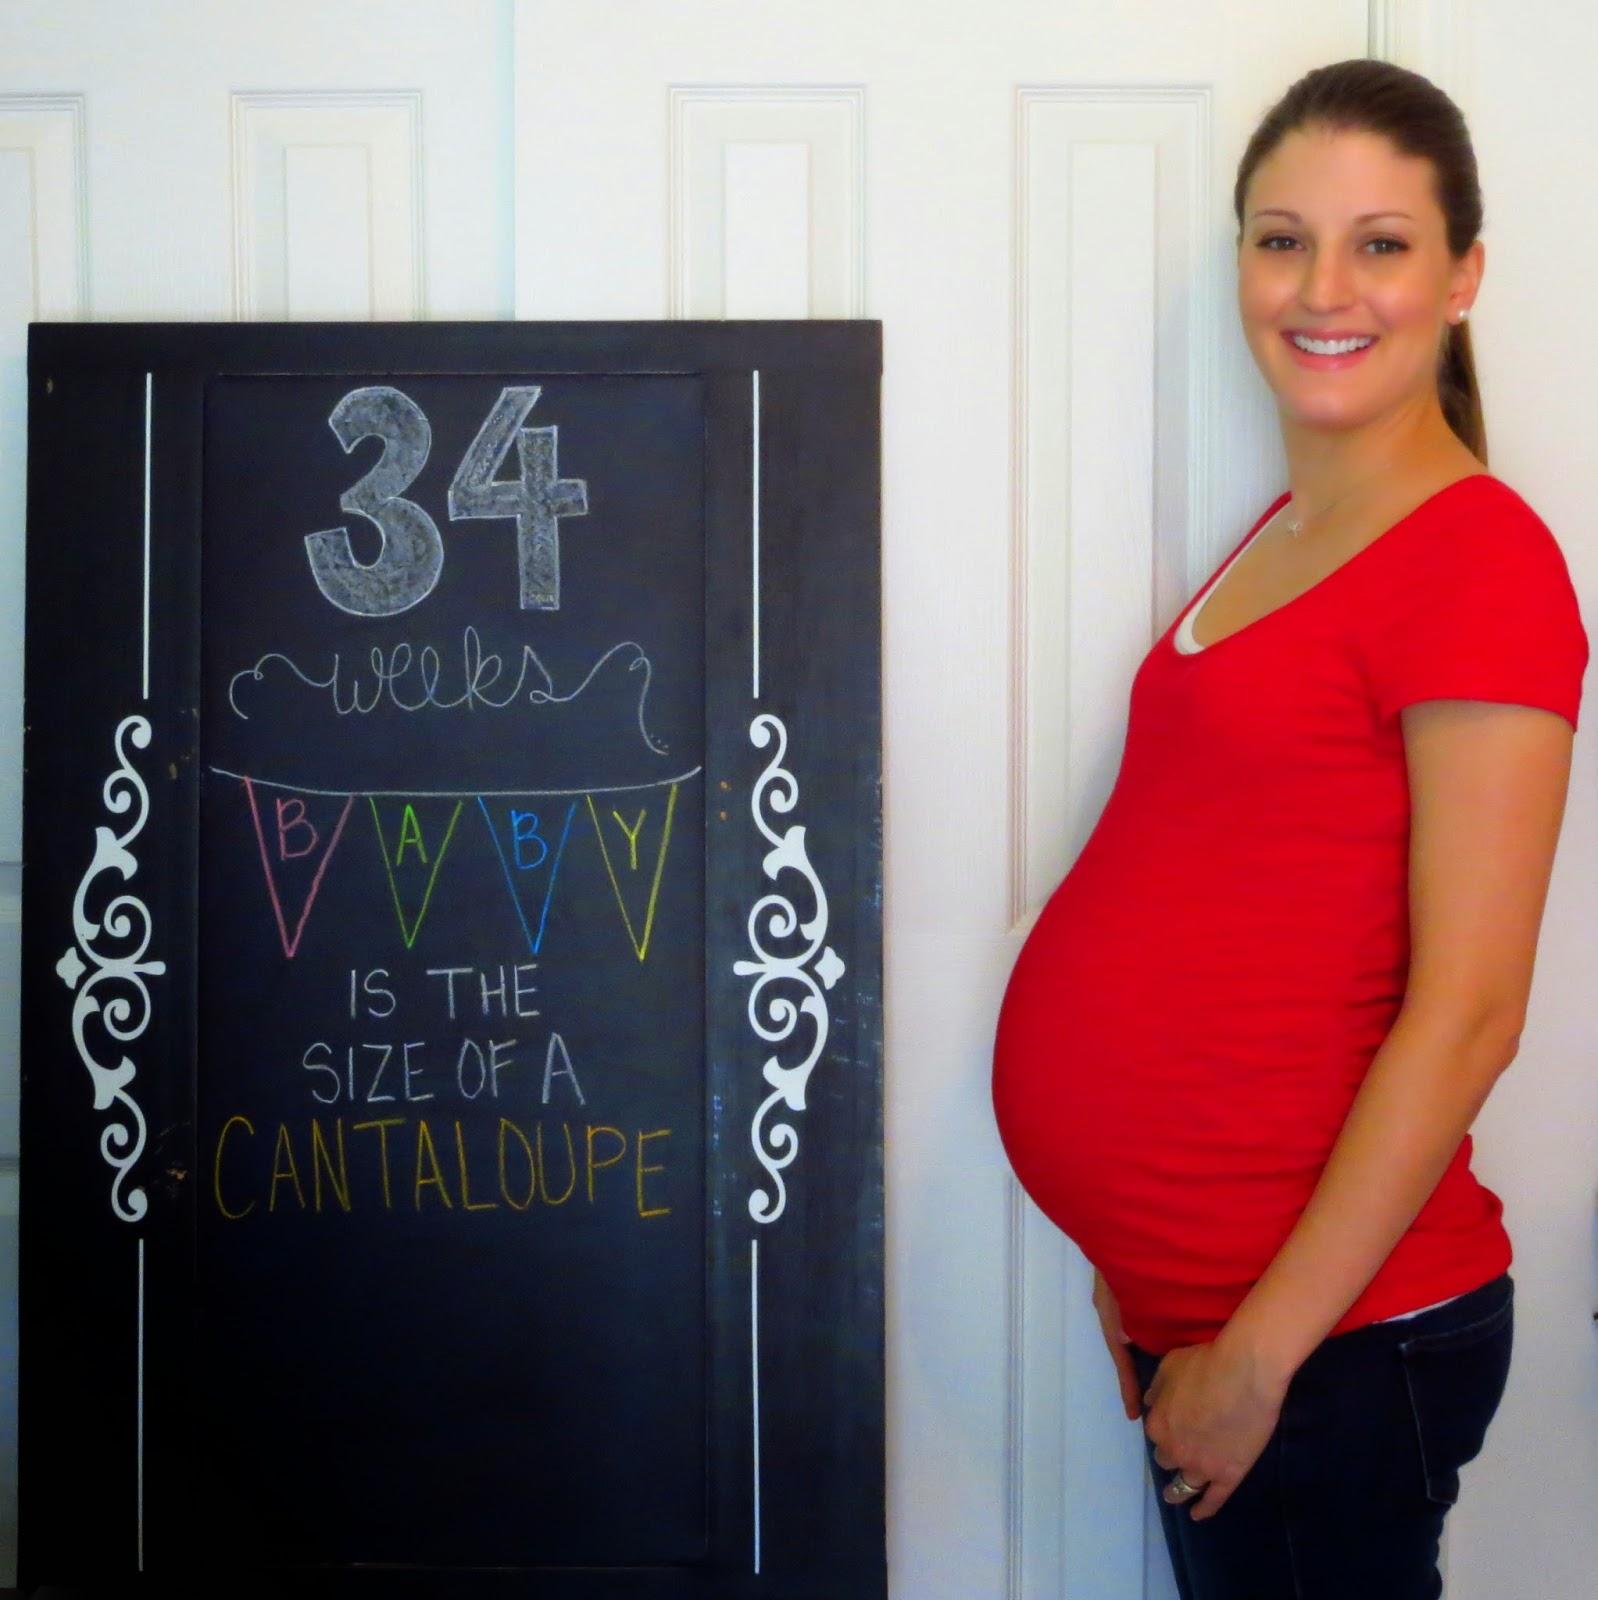 34 weeks bumpdate